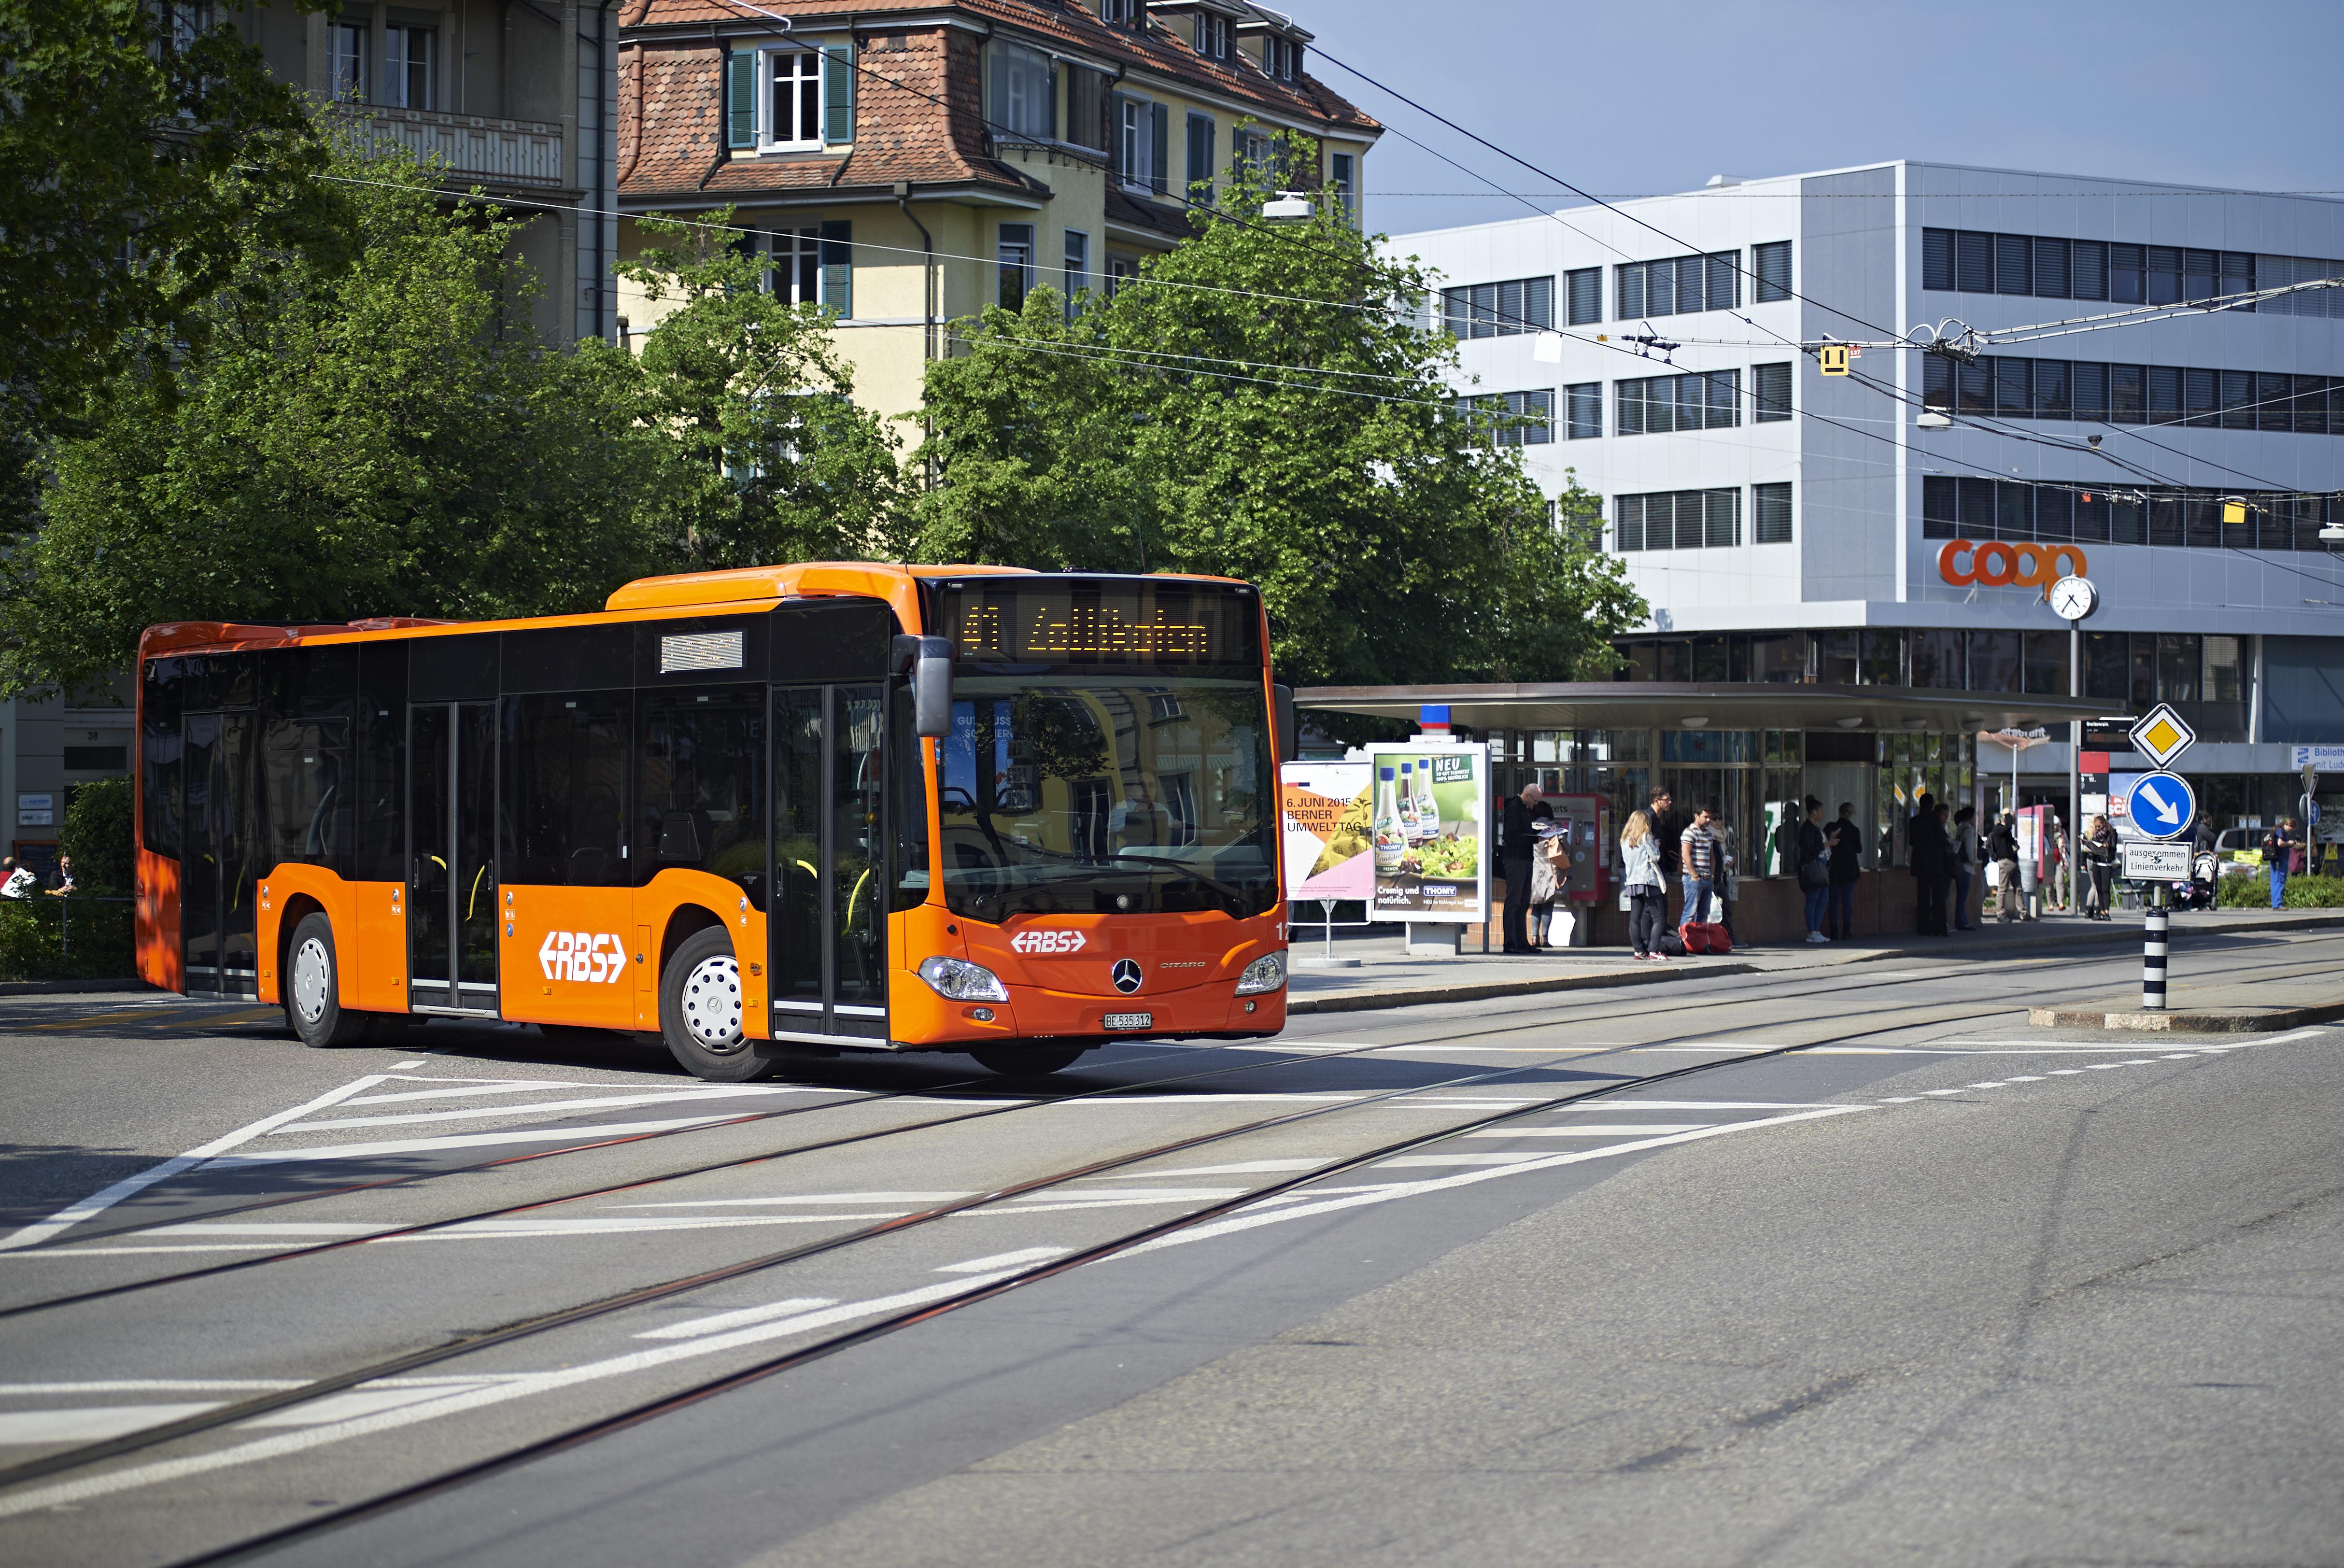 Rbs Ulm